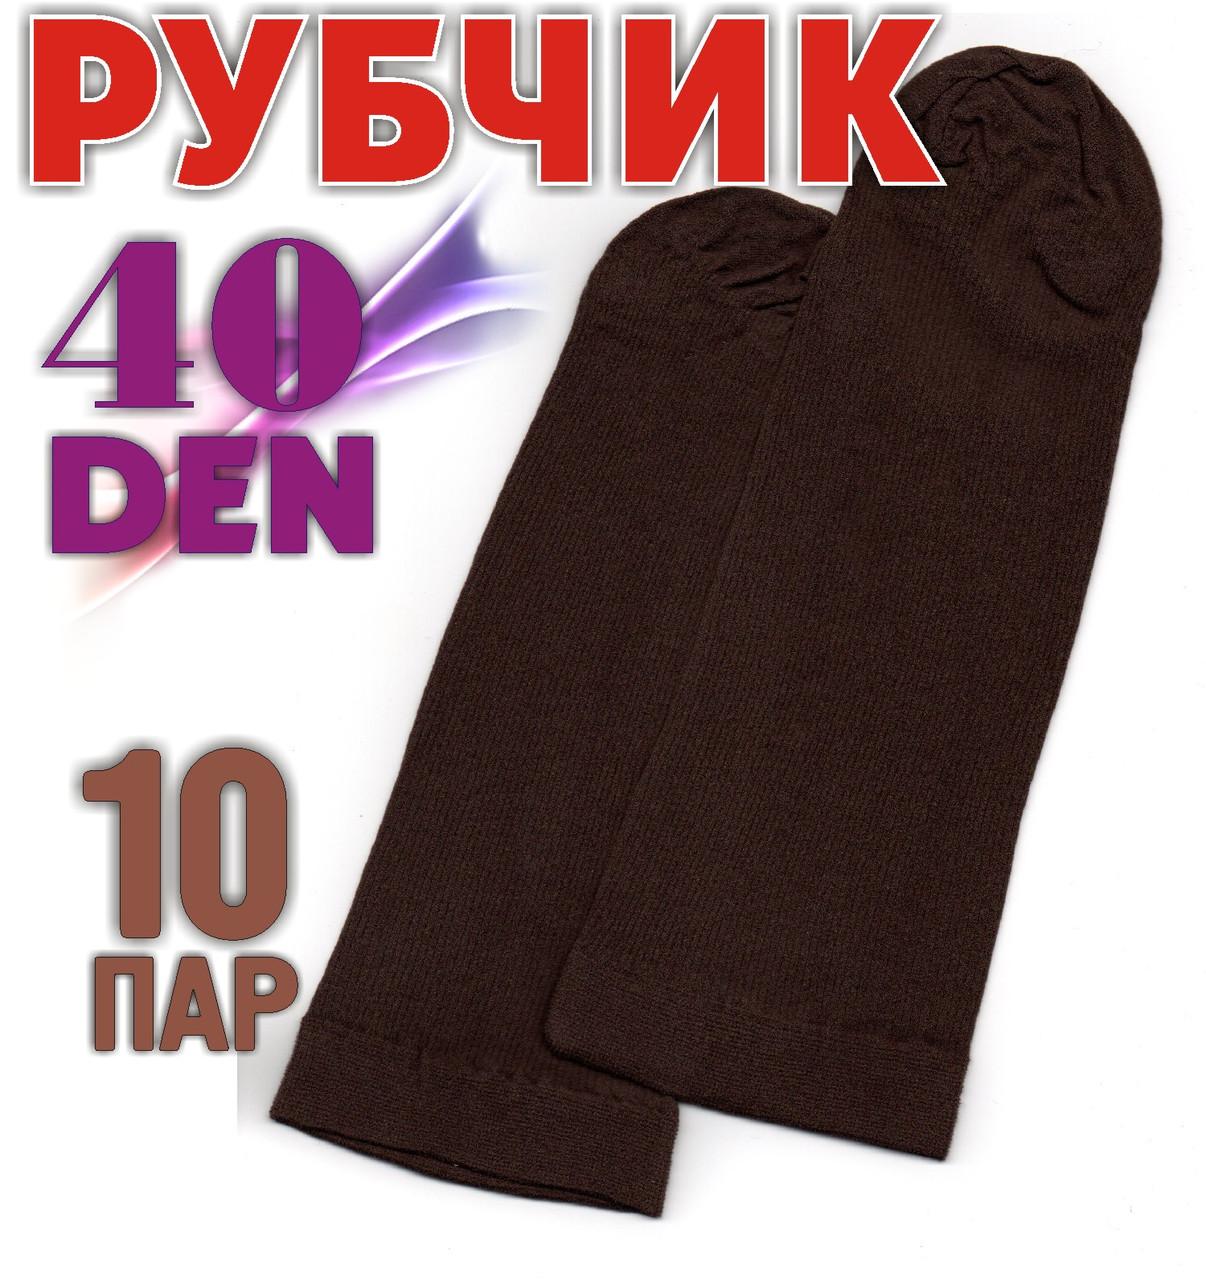 """Носки женские капроновые """"Рубчик"""" 50Den, мокко НК-2749"""